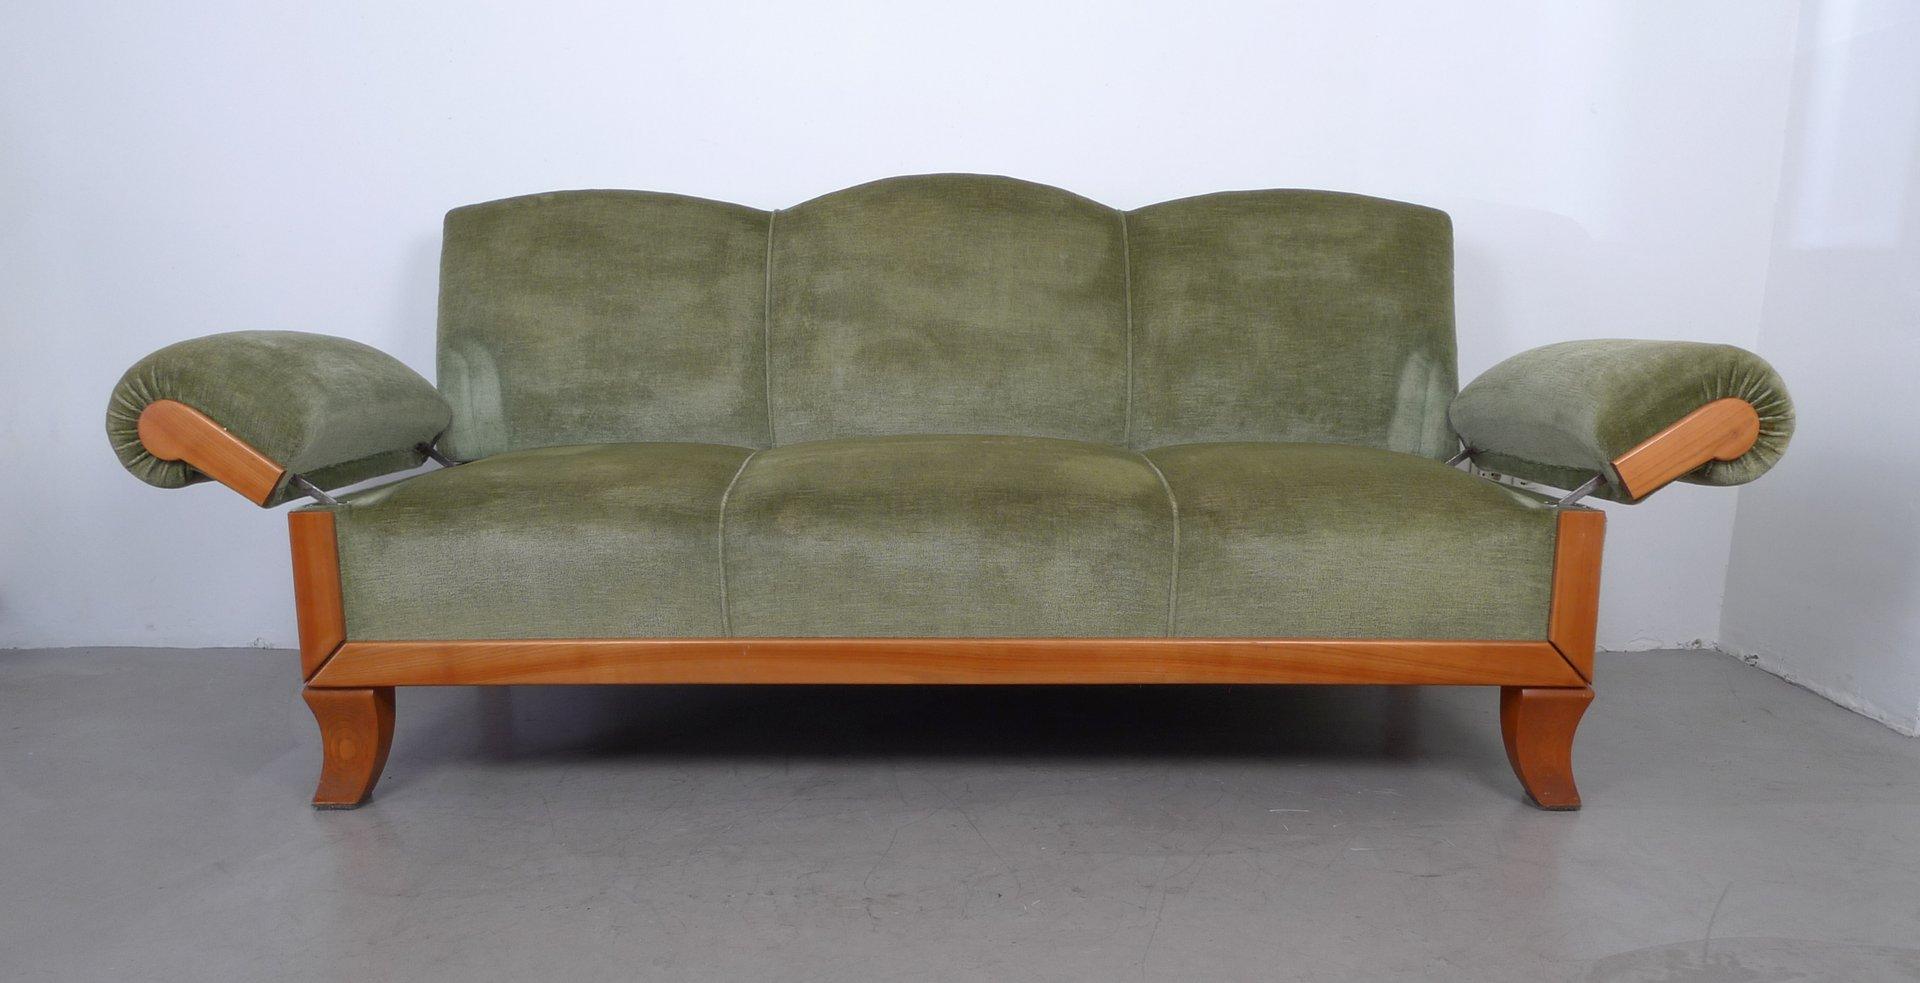 3 sitzer sofa aus kirschholz von joseph kreuzburg 1930er bei pamono kaufen Hundeurin aus sofa entfernen